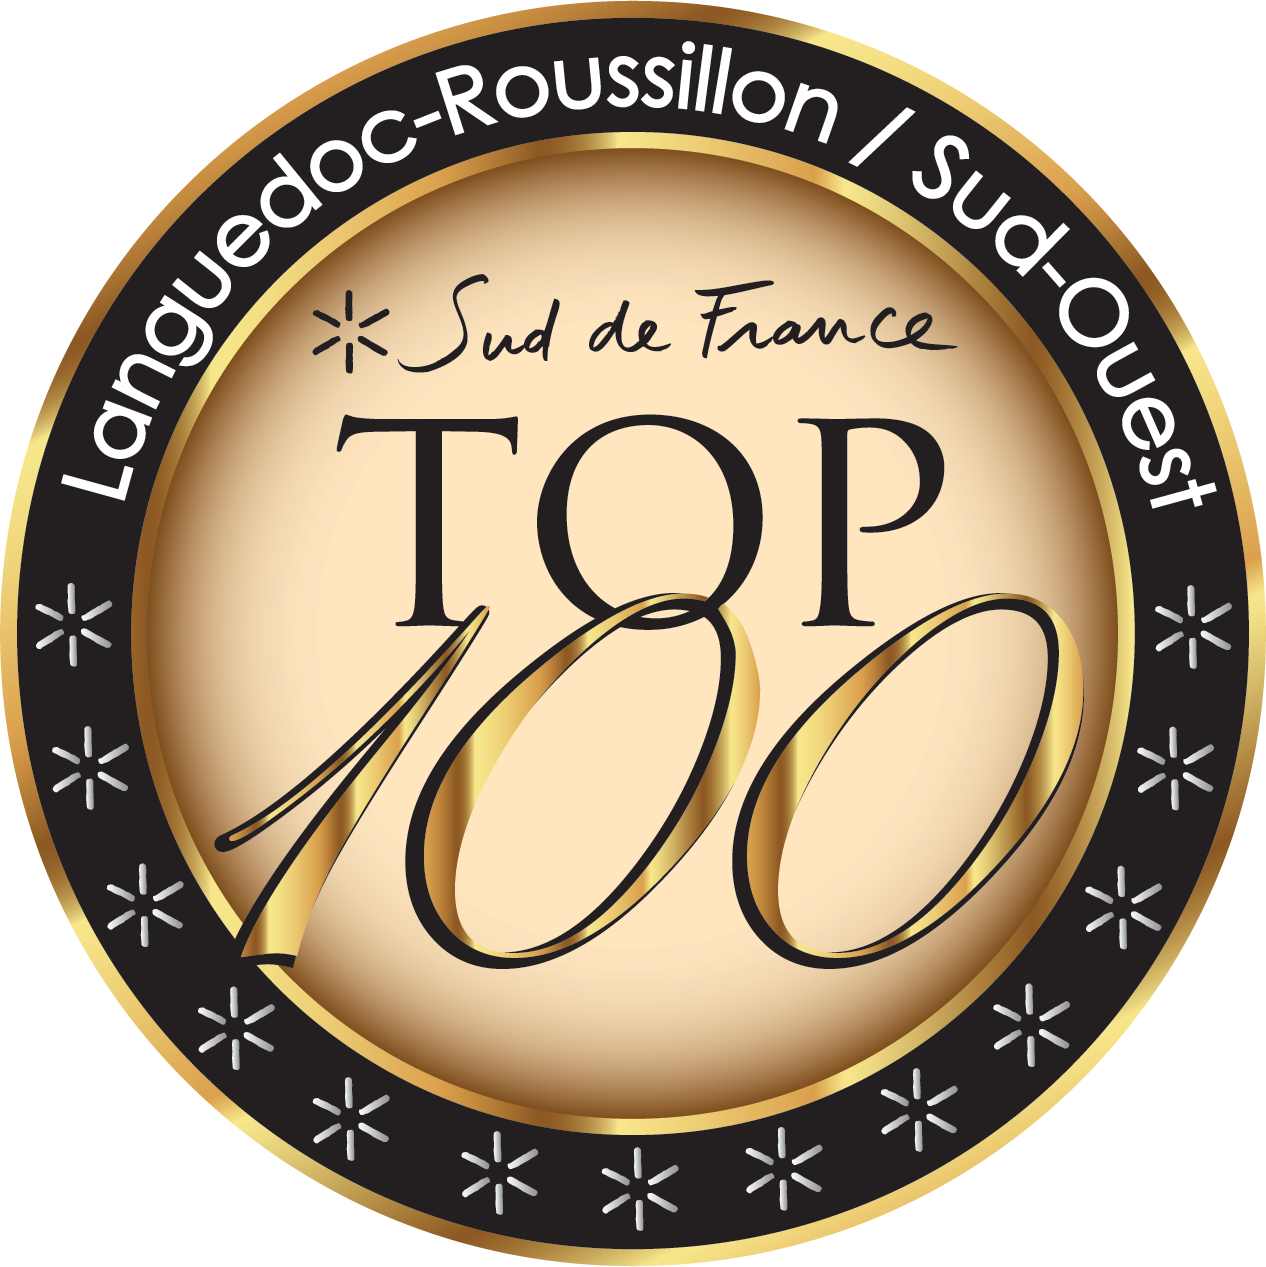 Sud de FrancE - Languedoc Roussillon / Sud Ouest - Top 100